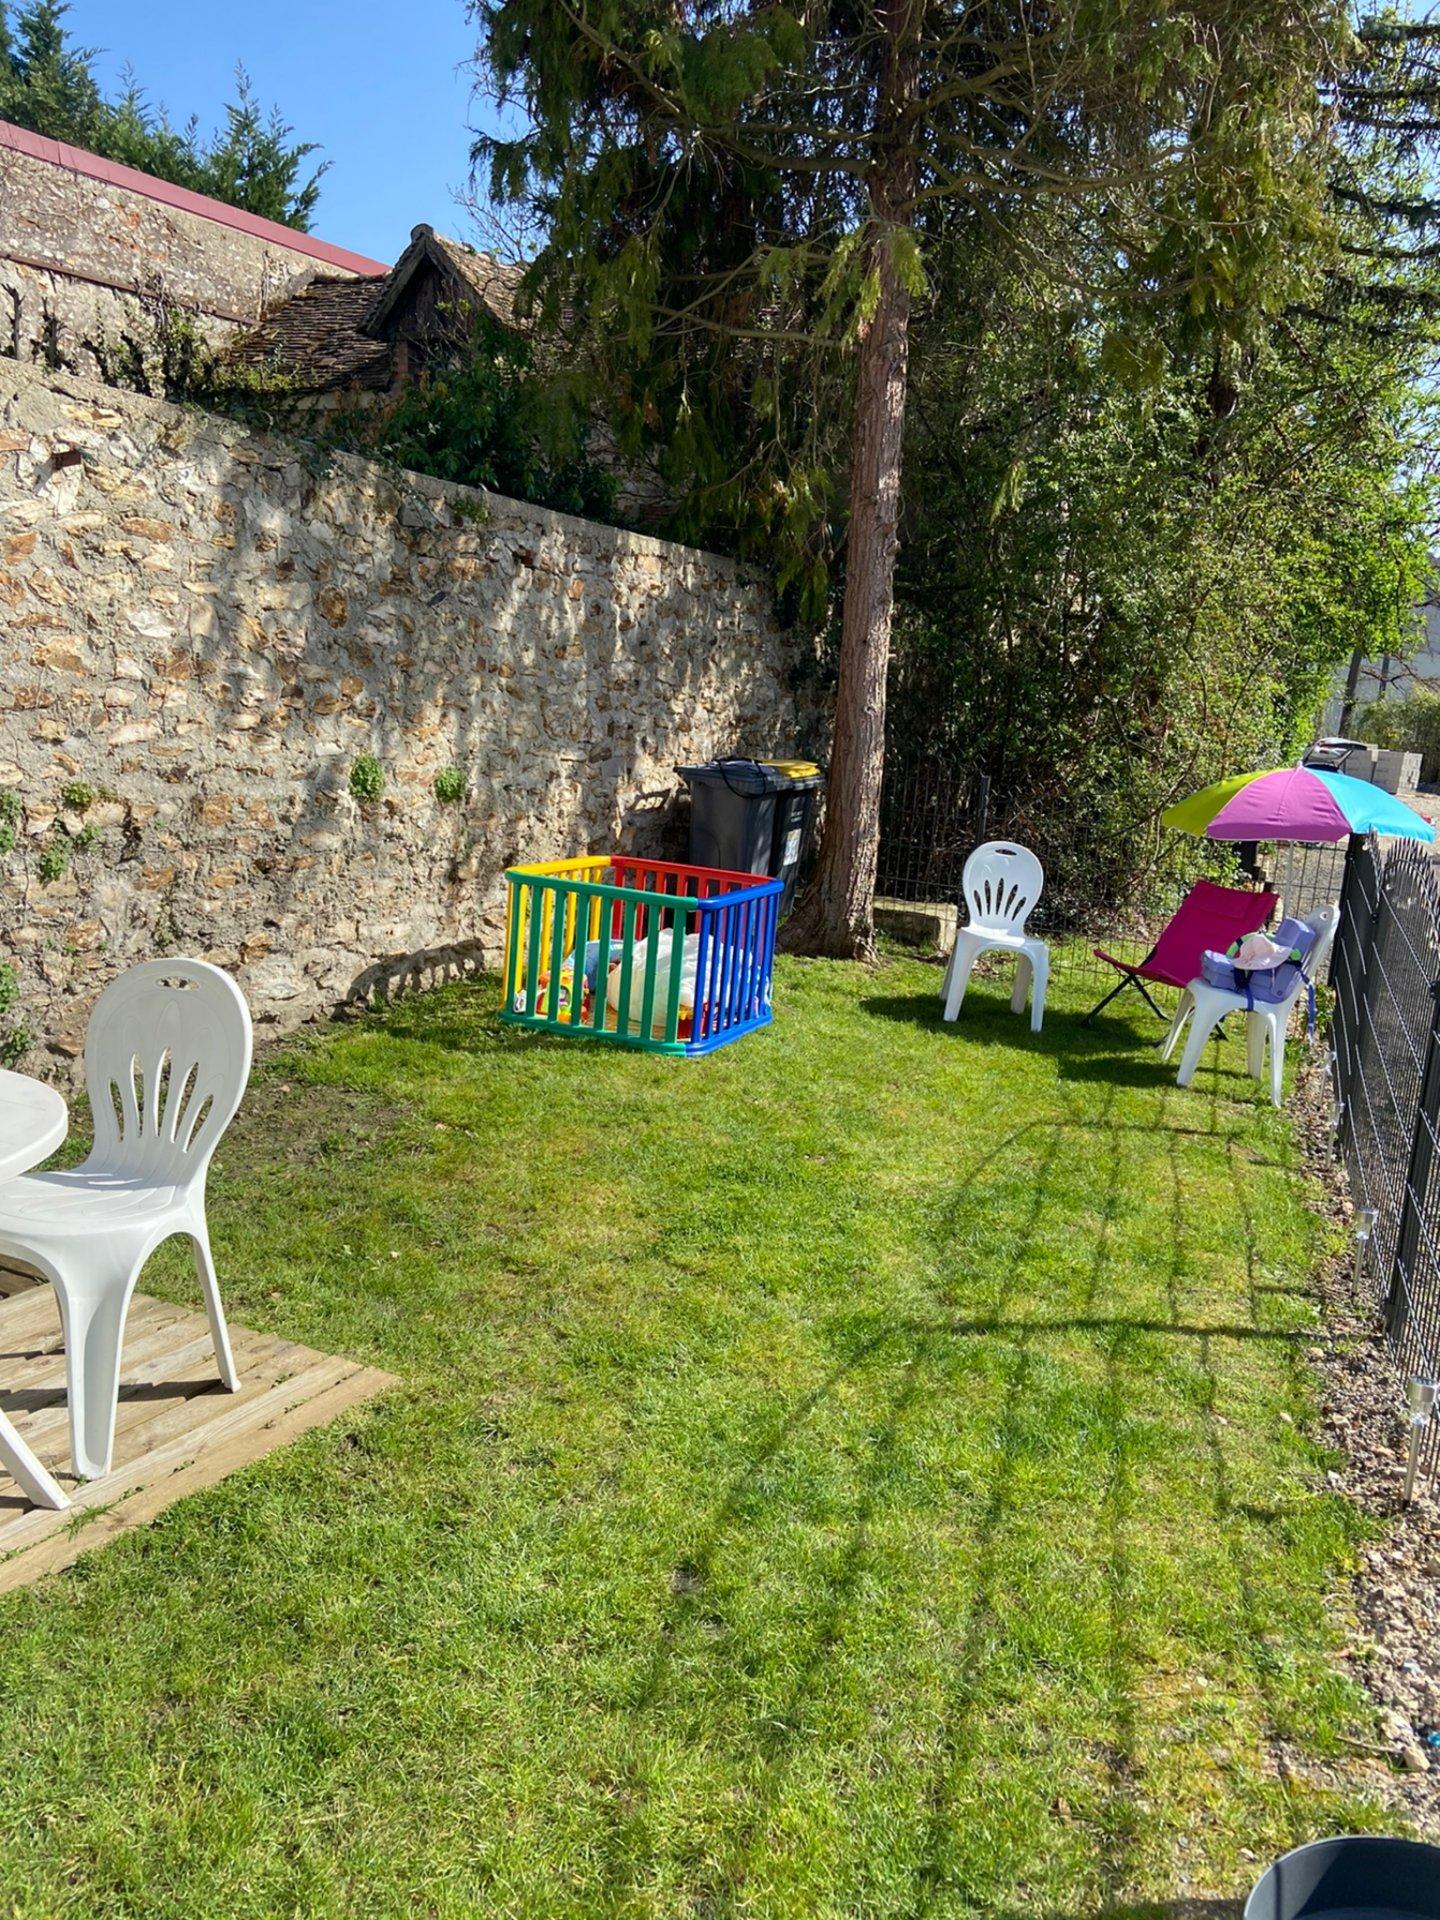 Maison de ville 2 pièces, de plain pied ! avec jardinet